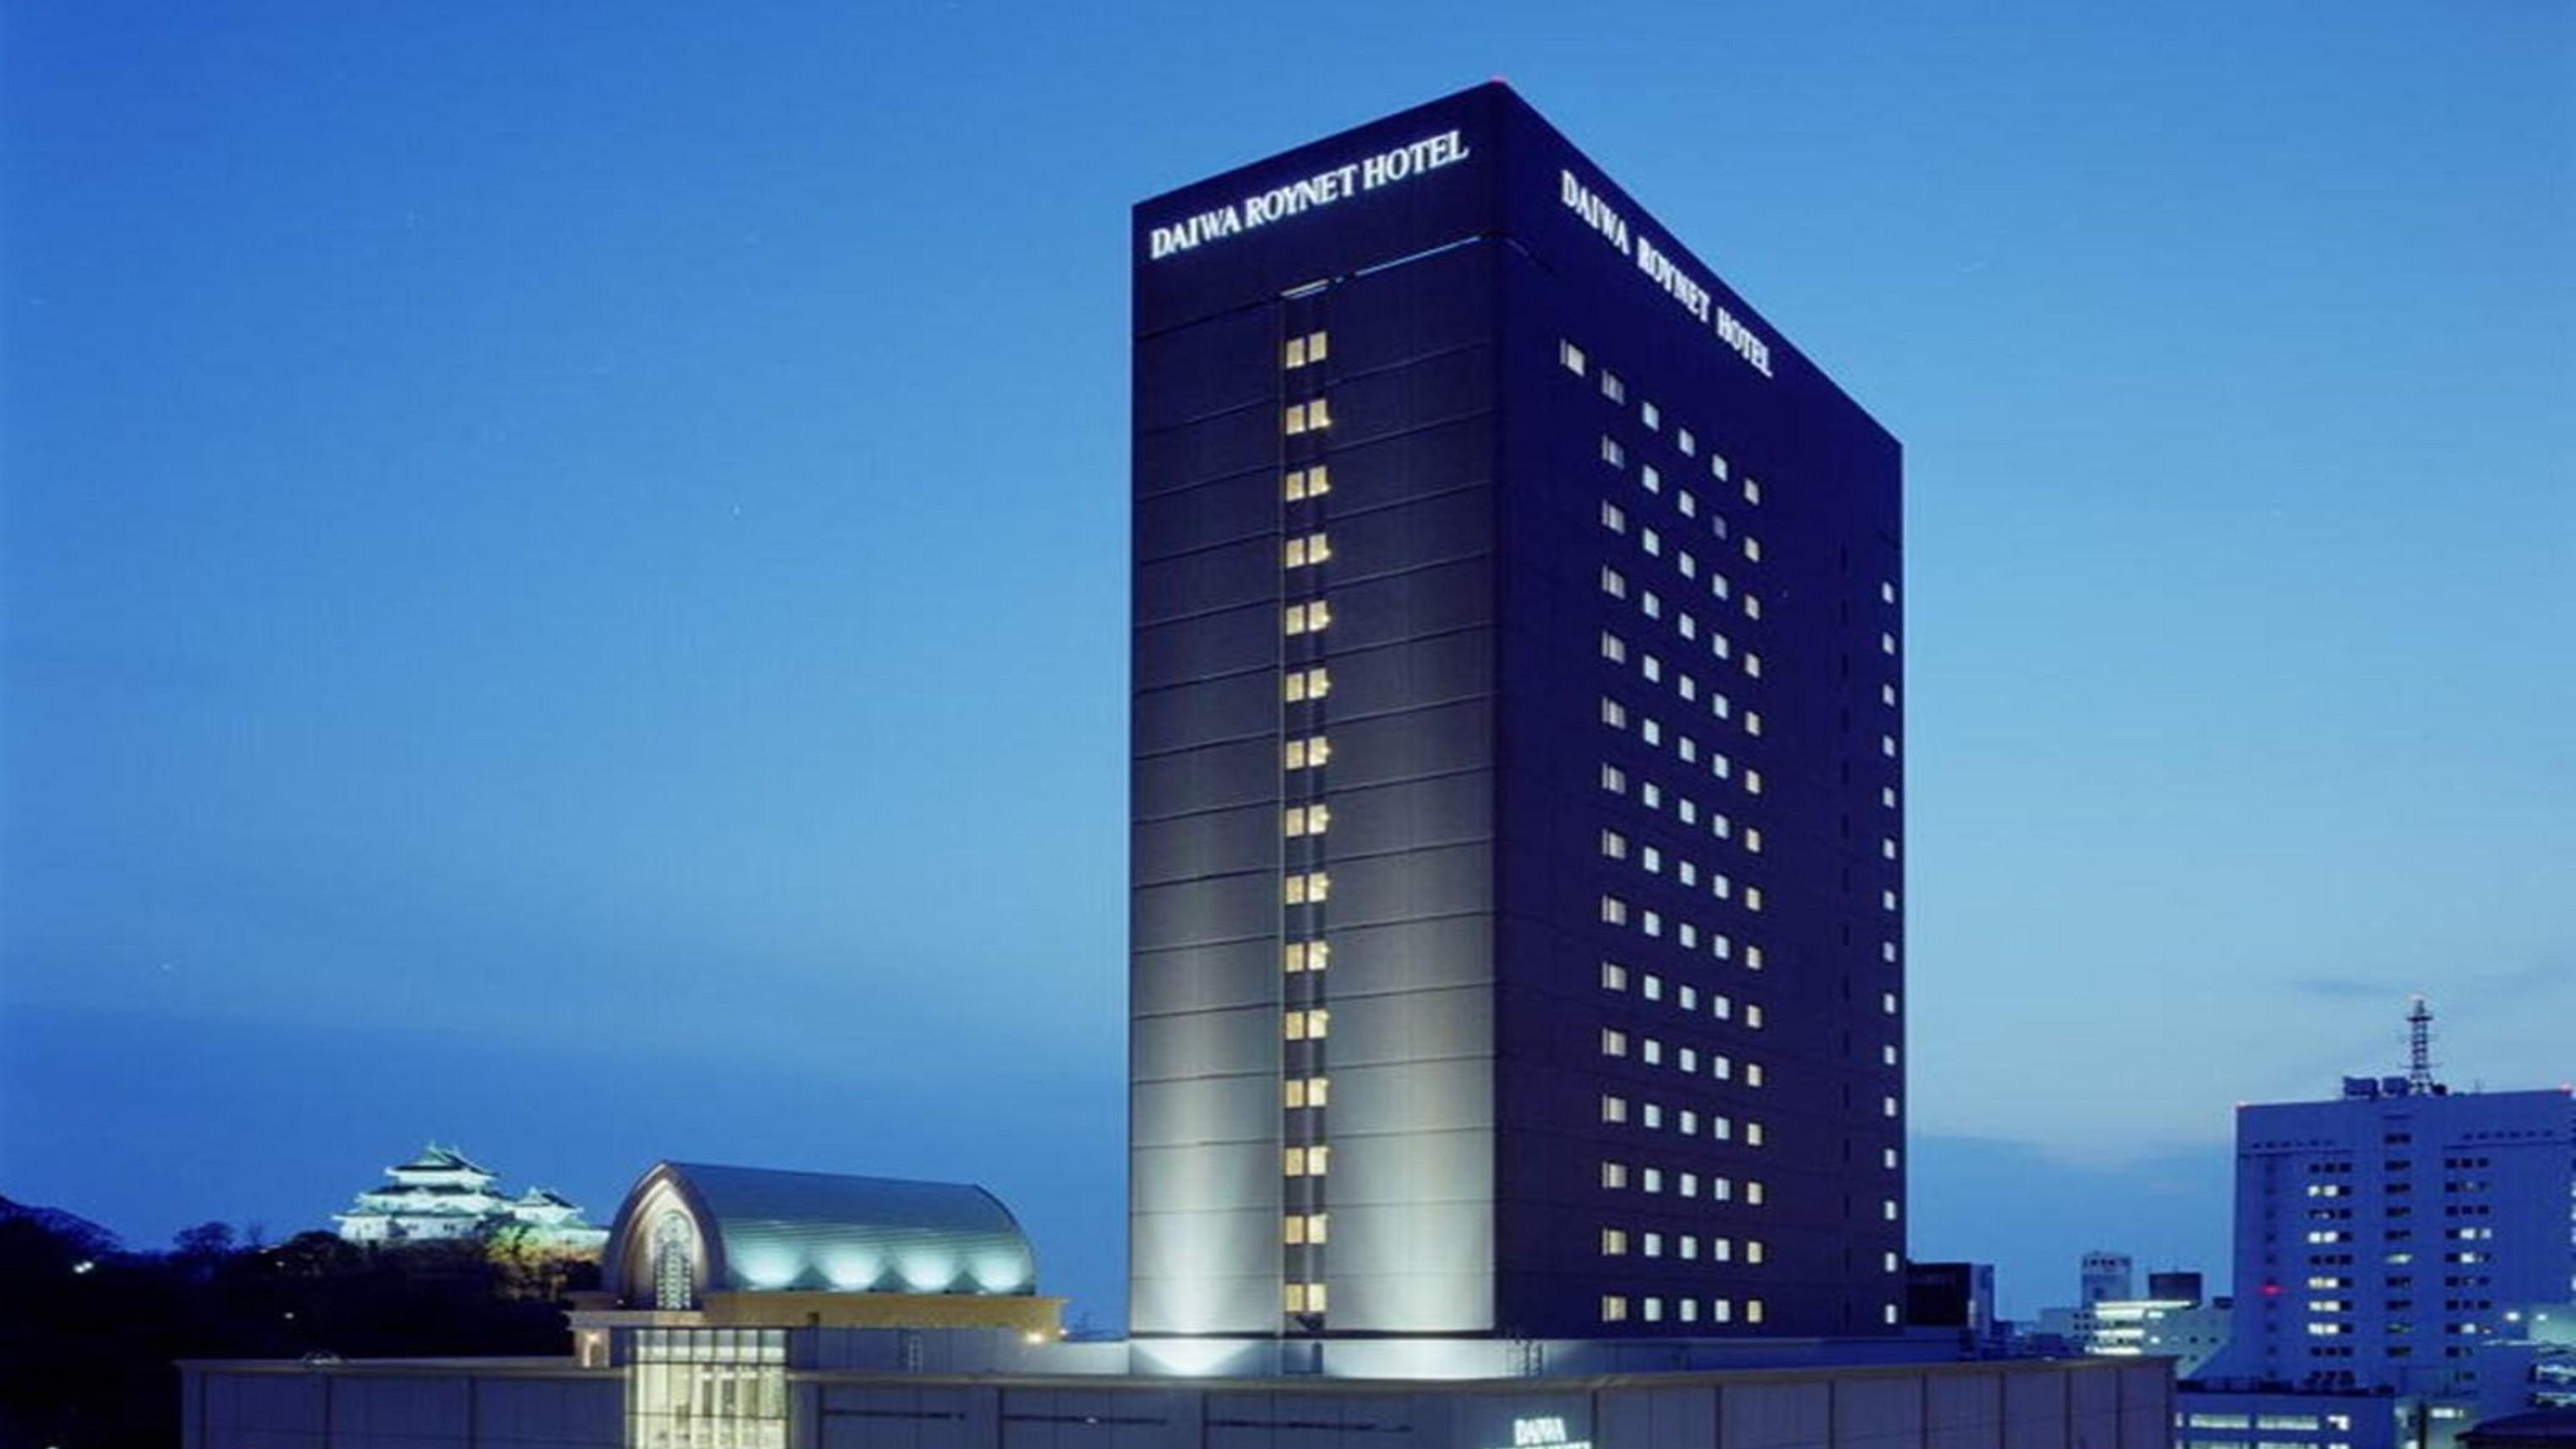 ダイワロイネットホテル和歌山...